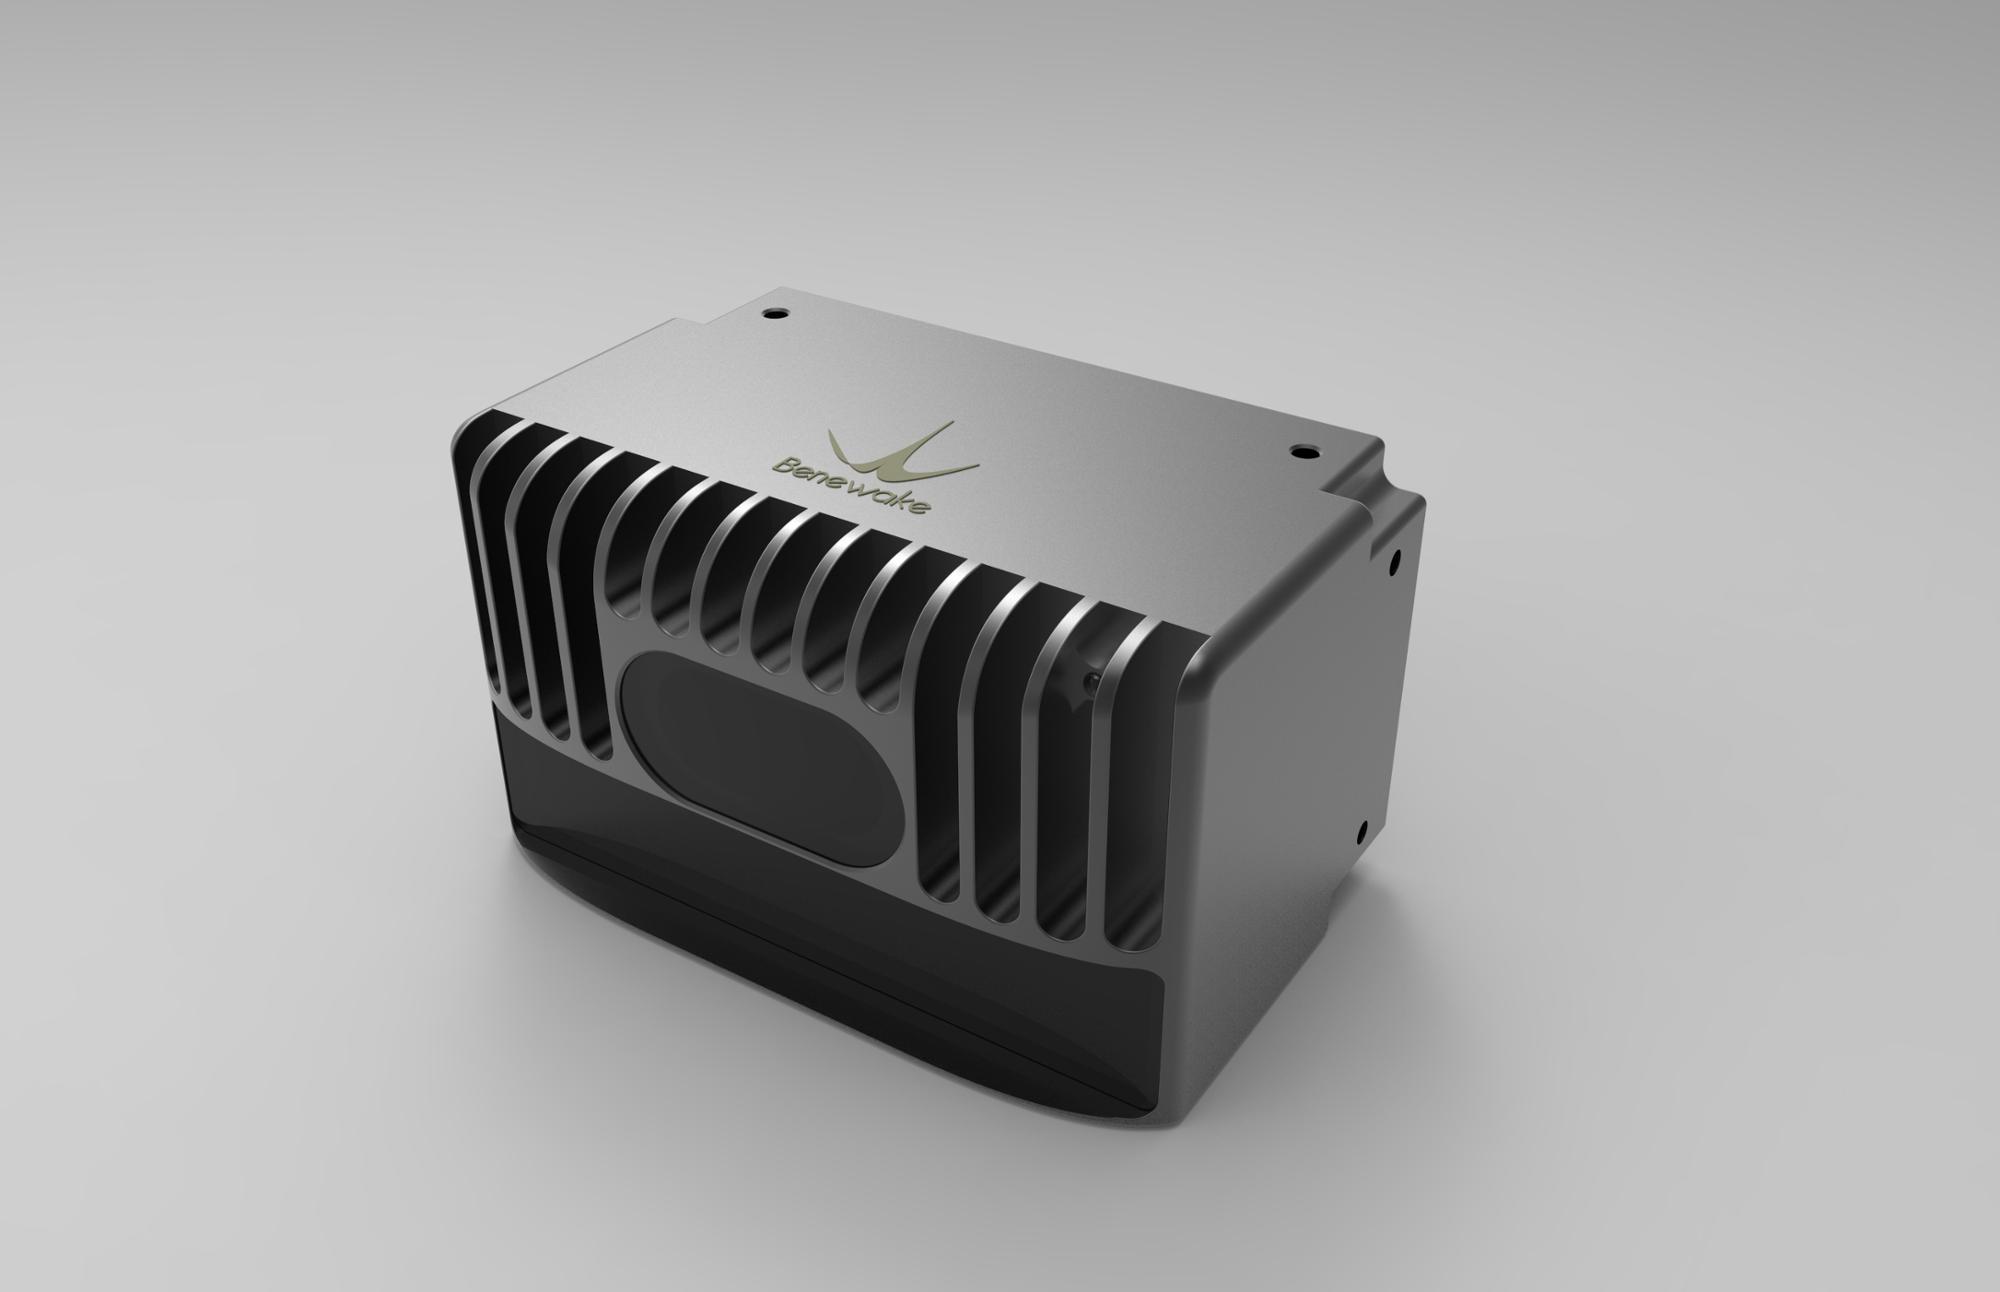 Ultraschall Entfernungsmesser Analog : Entfernungsmesser sensor ultraschall hc sr